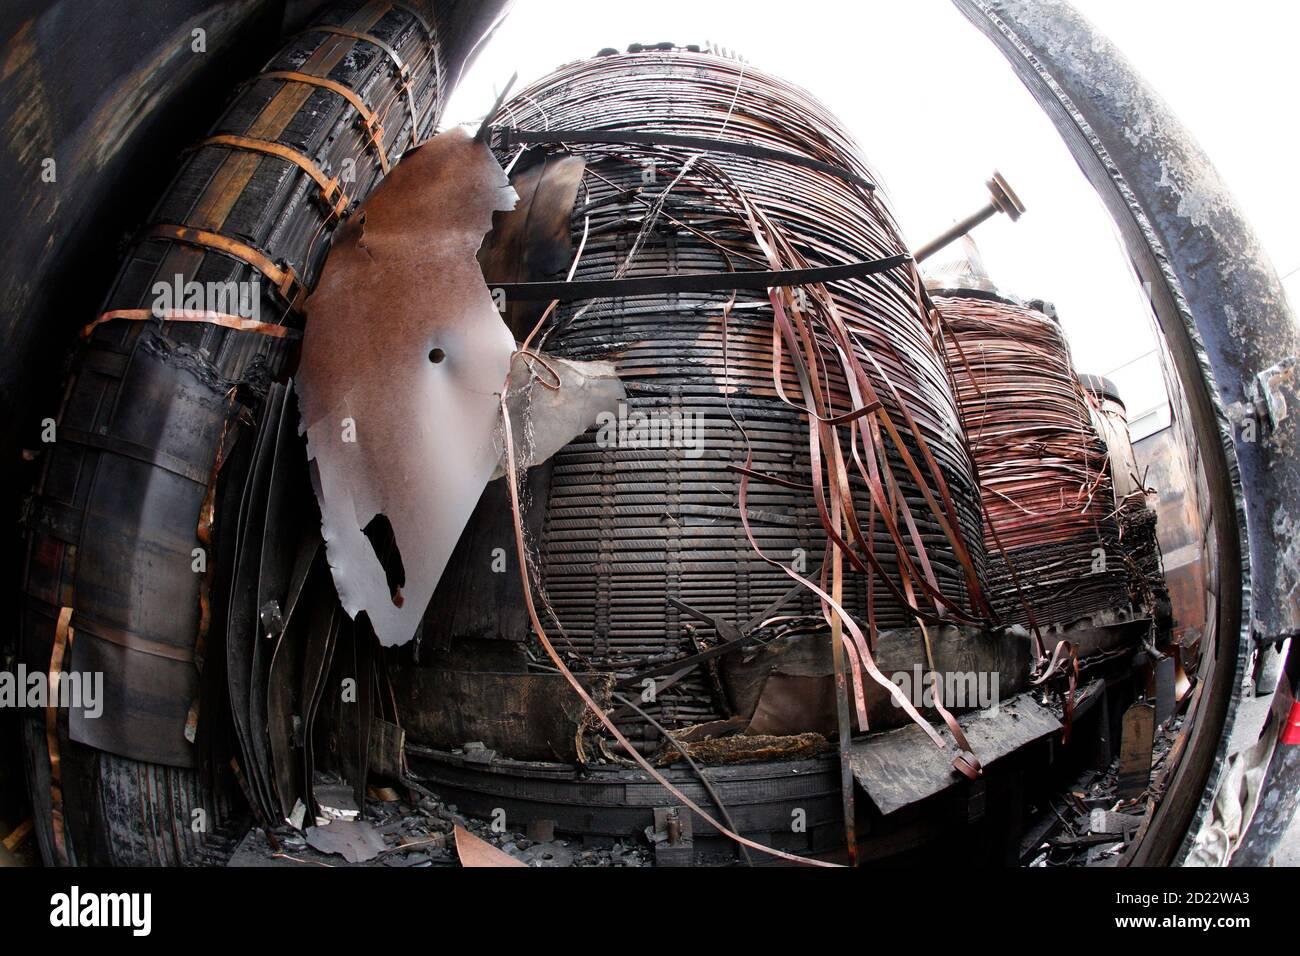 Partes internas de la estación de transformación quemada y retirada se muestran en la central nuclear Kruemmel, cerca de Geesthacht, 27 de julio de 2007. El 27 de junio se produjo un incendio en la estación de transformación de la central nuclear del norte de Alemania. El reactor de Kruemmel se encuentra a unos 30 km (20 millas) al sureste de Hamburgo. REUTERS/Morris Mac Matzen (ALEMANIA) Foto de stock